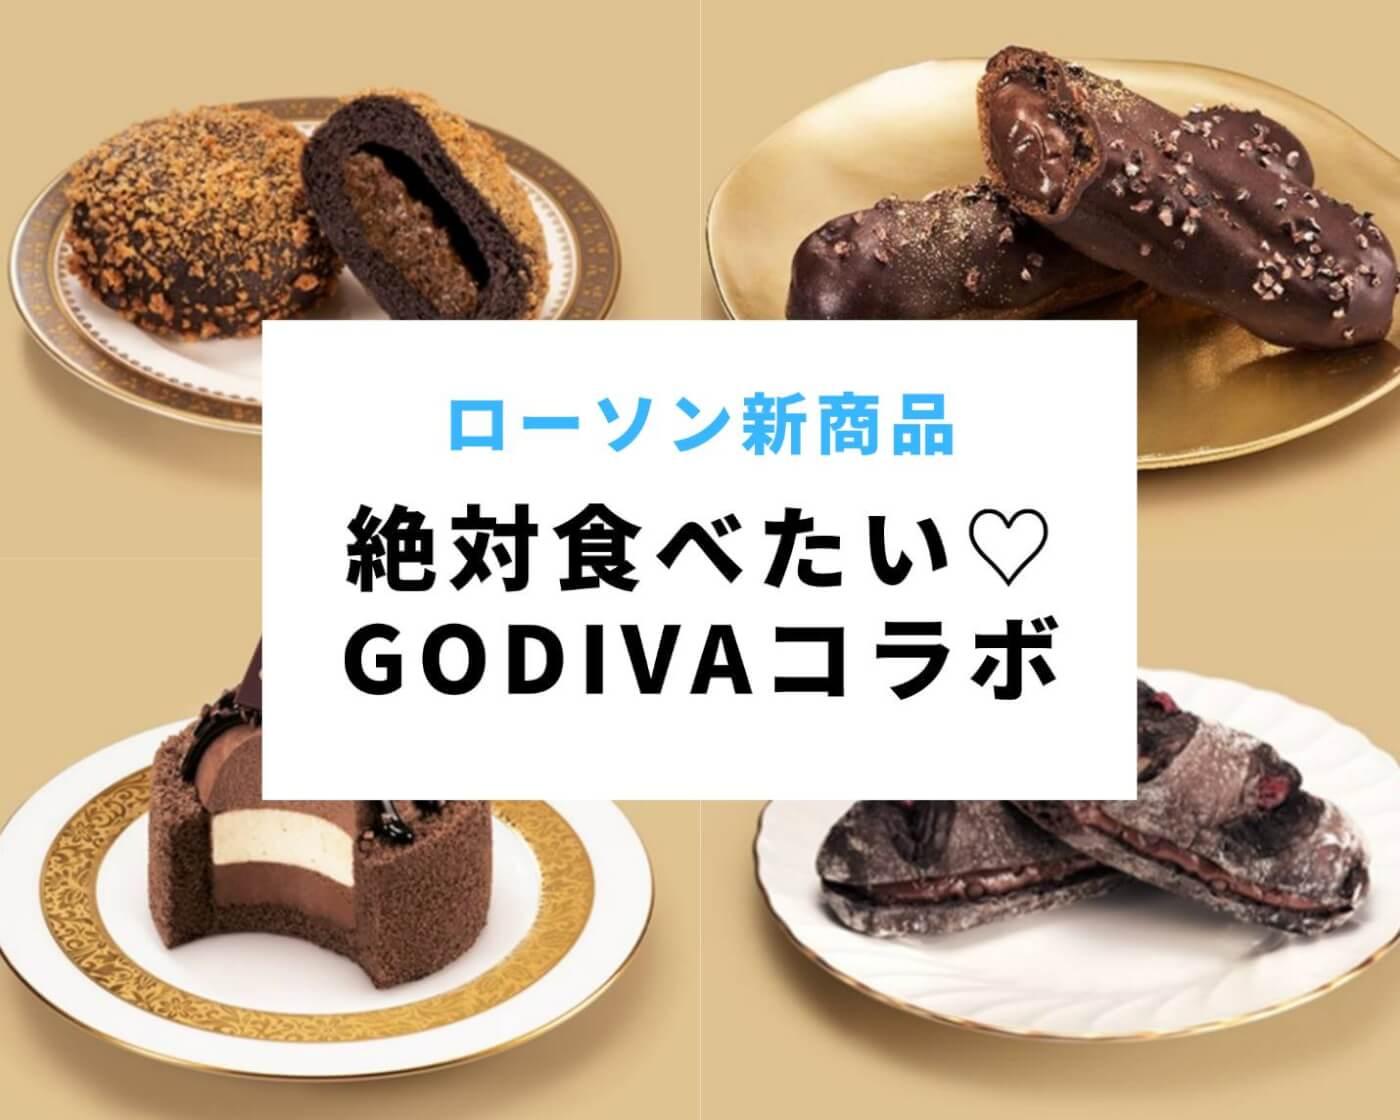 【ローソン】今週絶対食べたい!「GODIVA」監修のパン&コラボスイーツ4商品